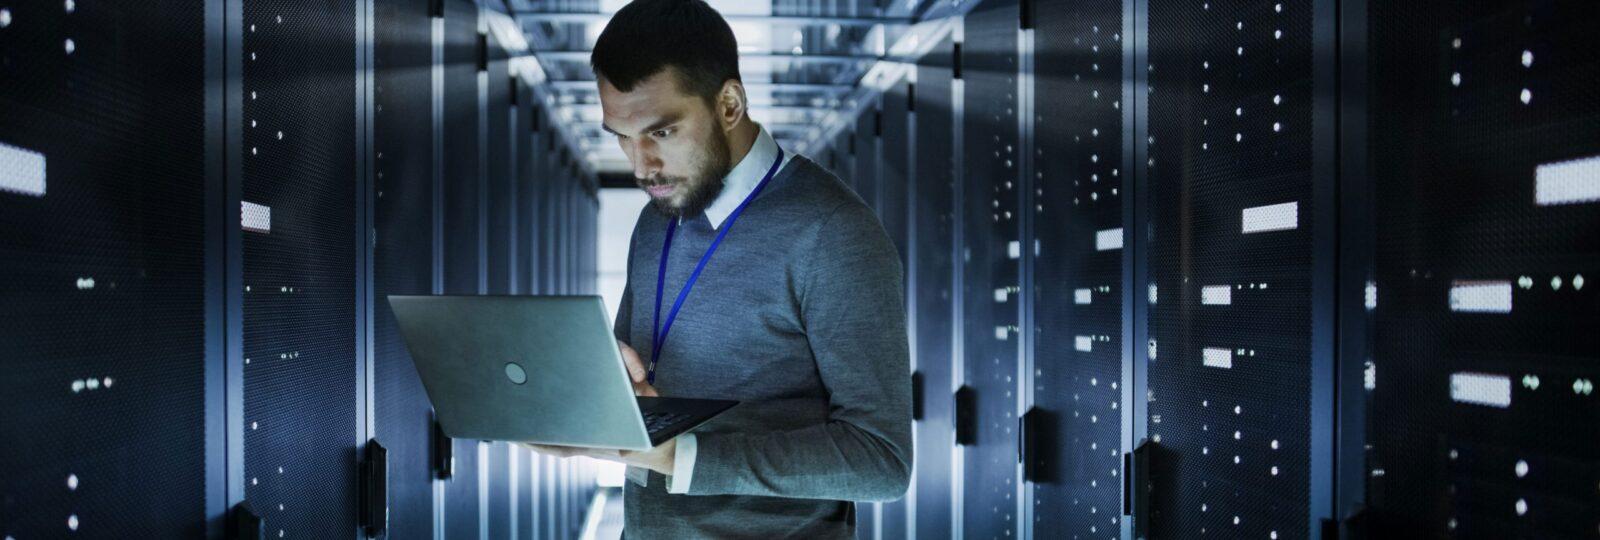 Assistenza informatica da remoto a Milano e Ict Outsourcing